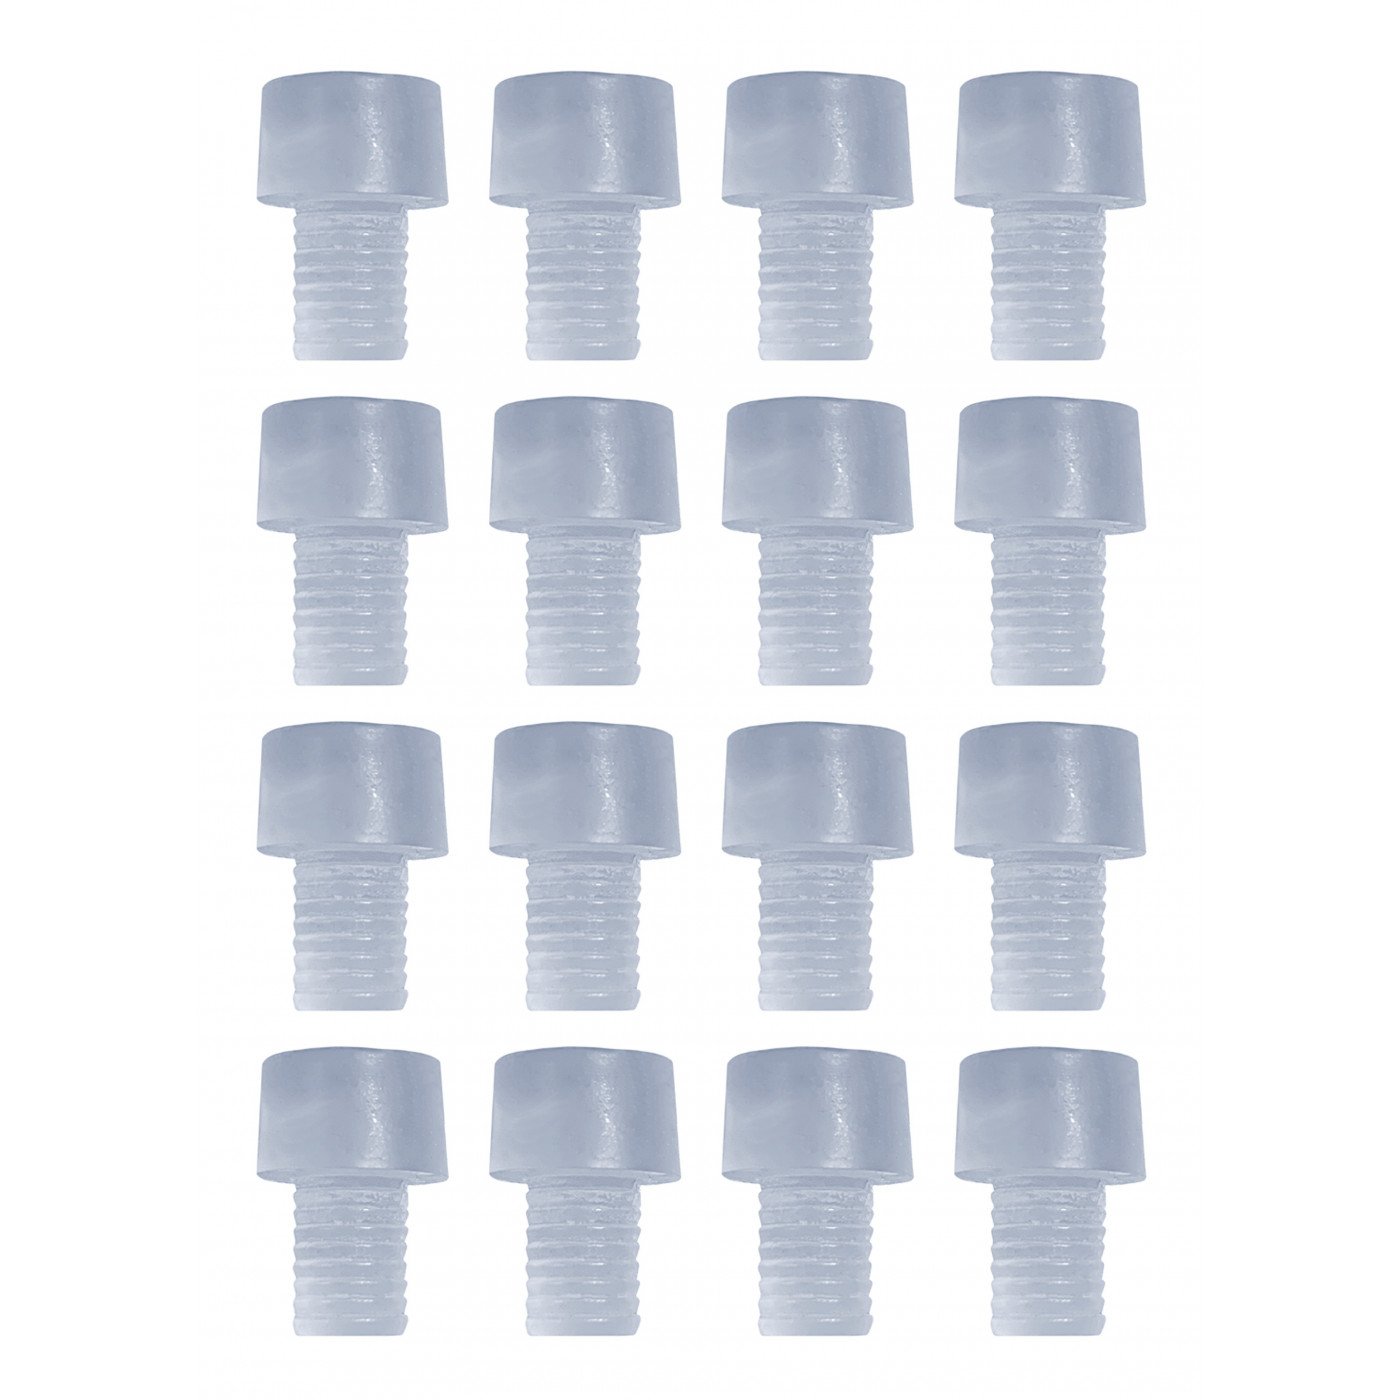 Lot de 150 capuchons PVC, tampons, amortisseurs de porte (type